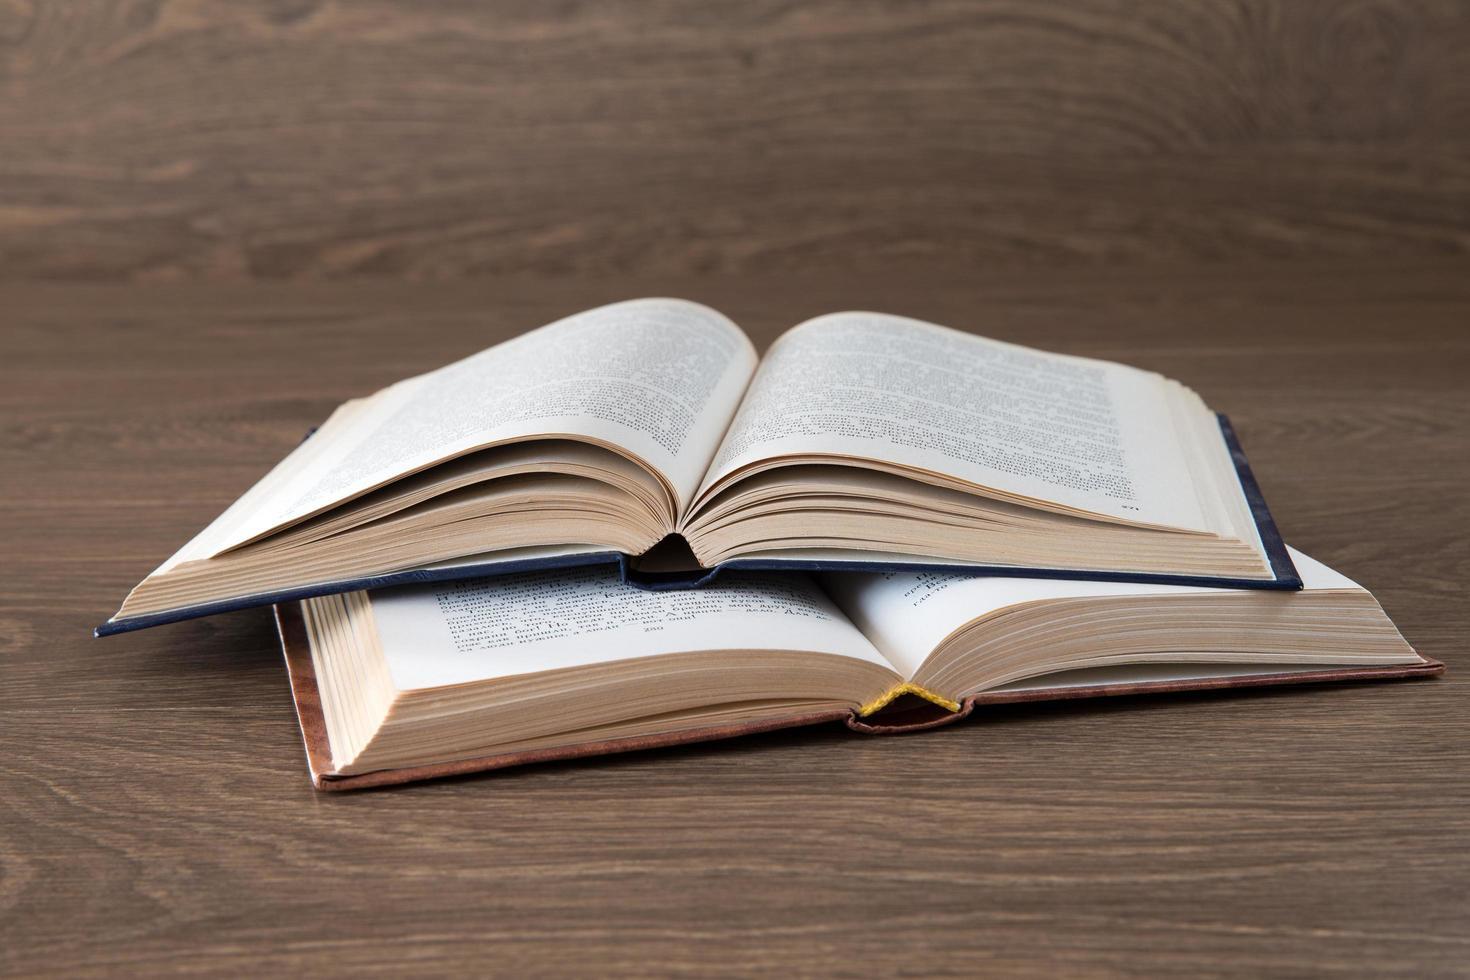 libro aperto su tavola di legno foto